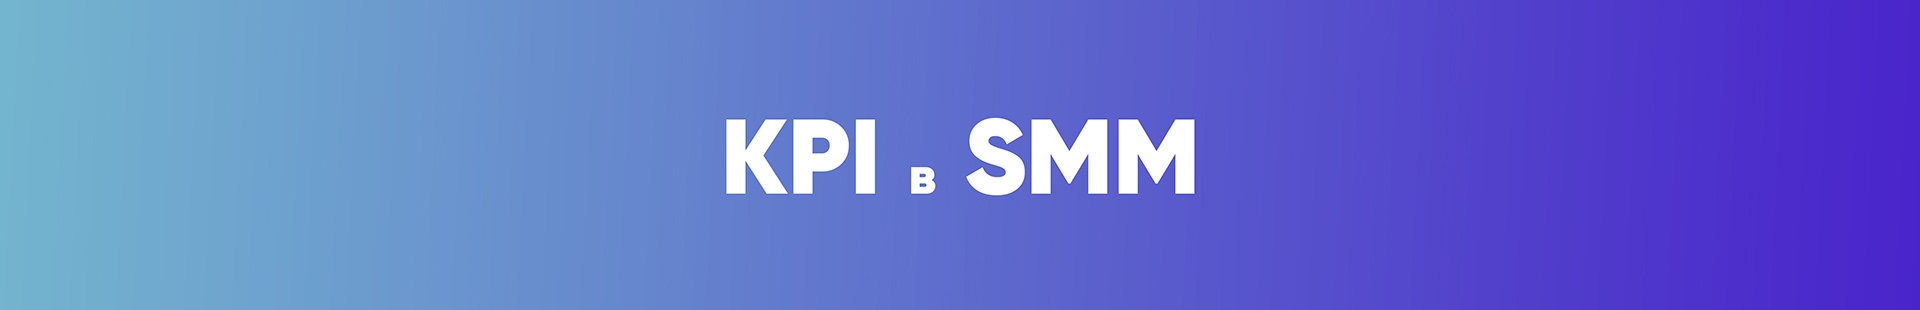 KPI в SMM: как понять, что продвижение в соцсетях эффективно?